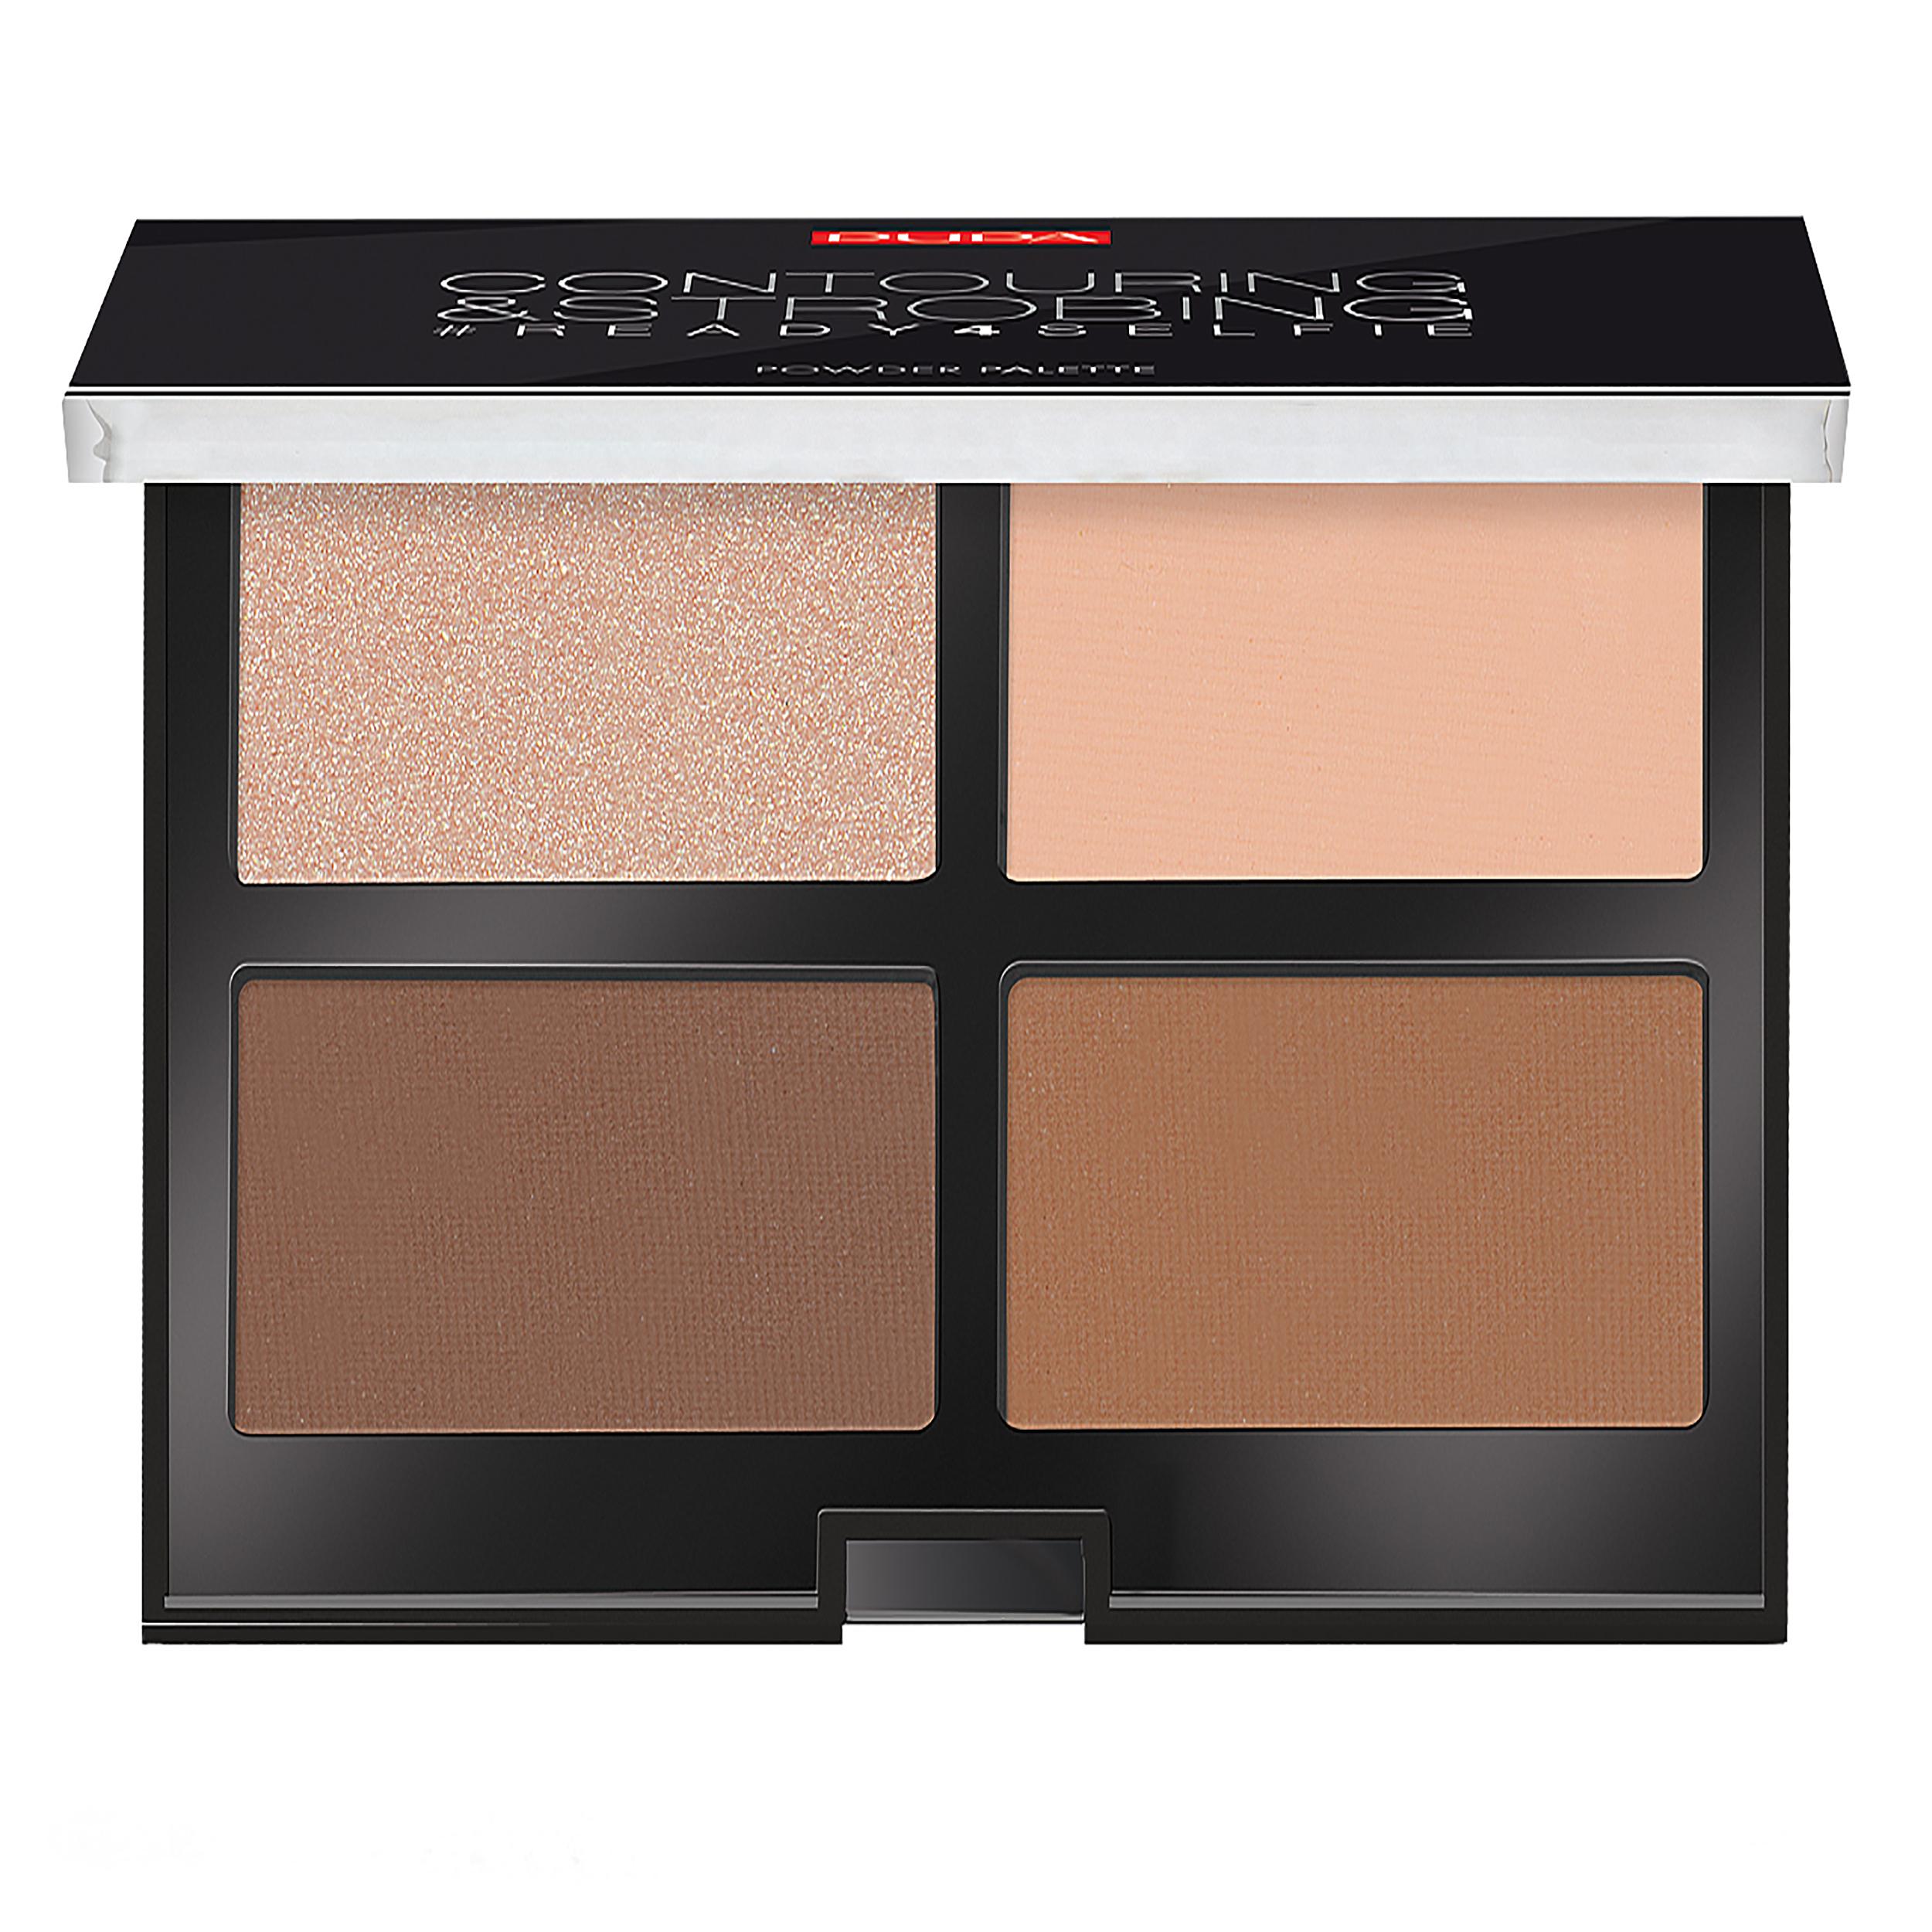 قیمت پالت کانتورینگ پوپا سری Strobing Palette مدل Dark Skin شماره 03